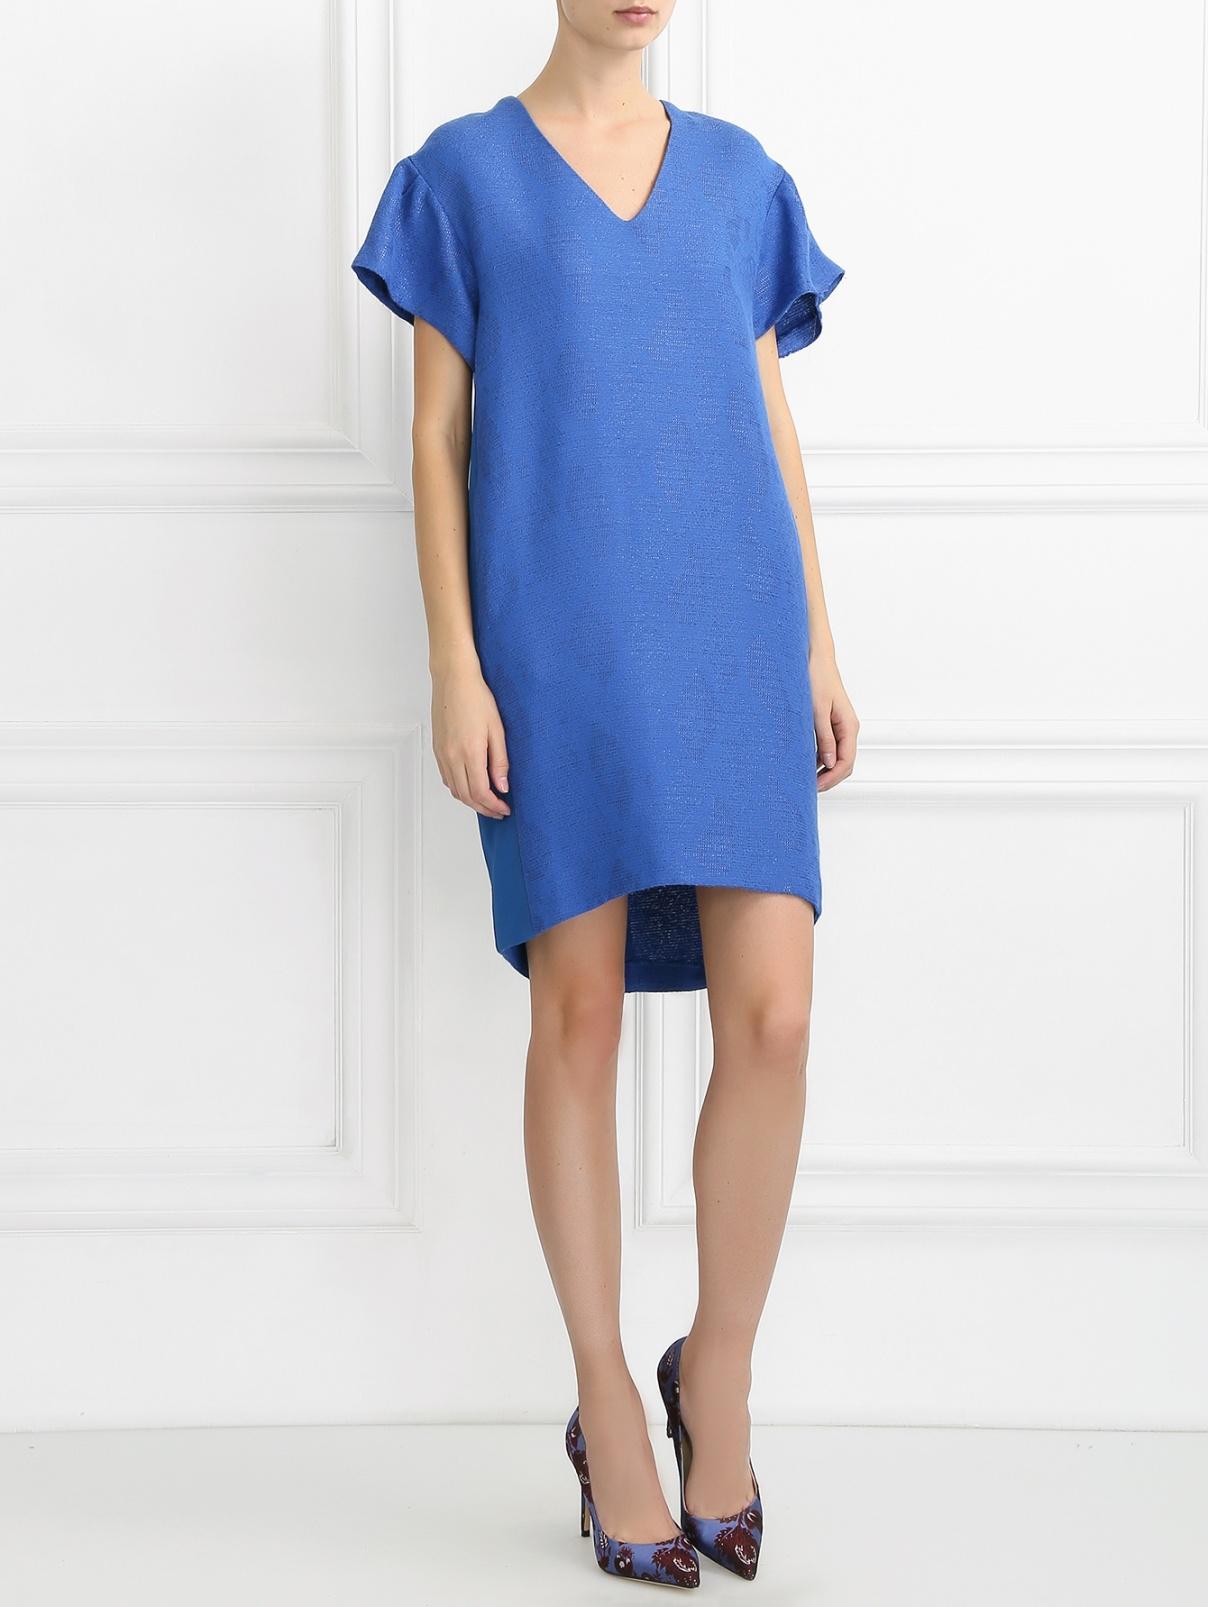 Платье-мини с боковыми карманами nude  –  Модель Общий вид  – Цвет:  Синий